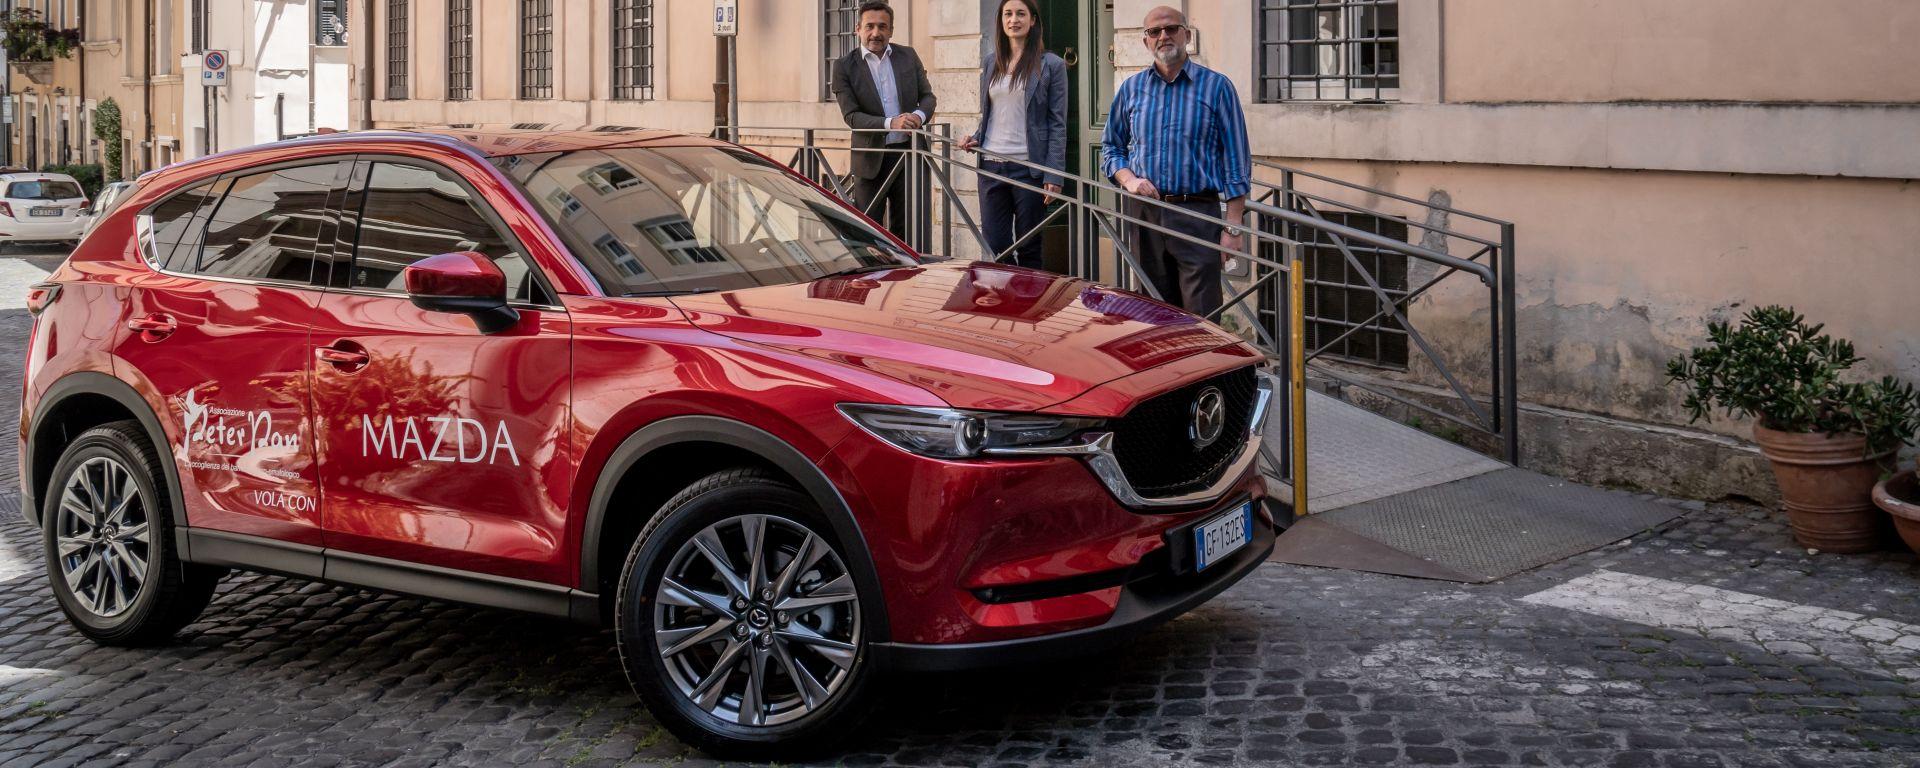 Mazda CX-5 nuova compagna dell'Associazione Peter Pan